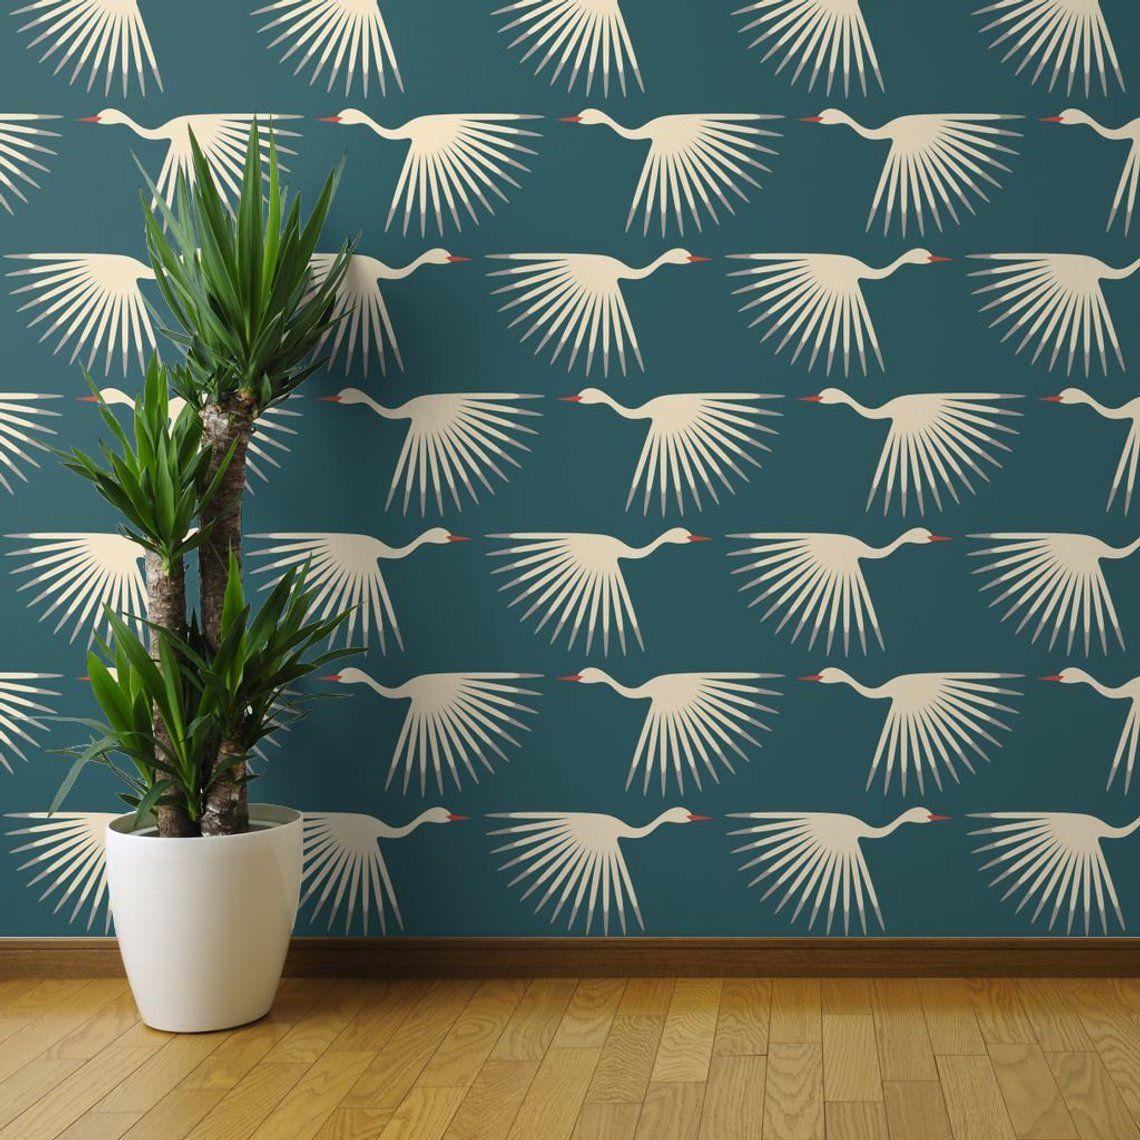 Art Deco Wallpaper Art Deco Cranes By Katerhees 1920s Teal Etsy In 2021 Teal Decor Art Deco Wallpaper Wallpaper Panels